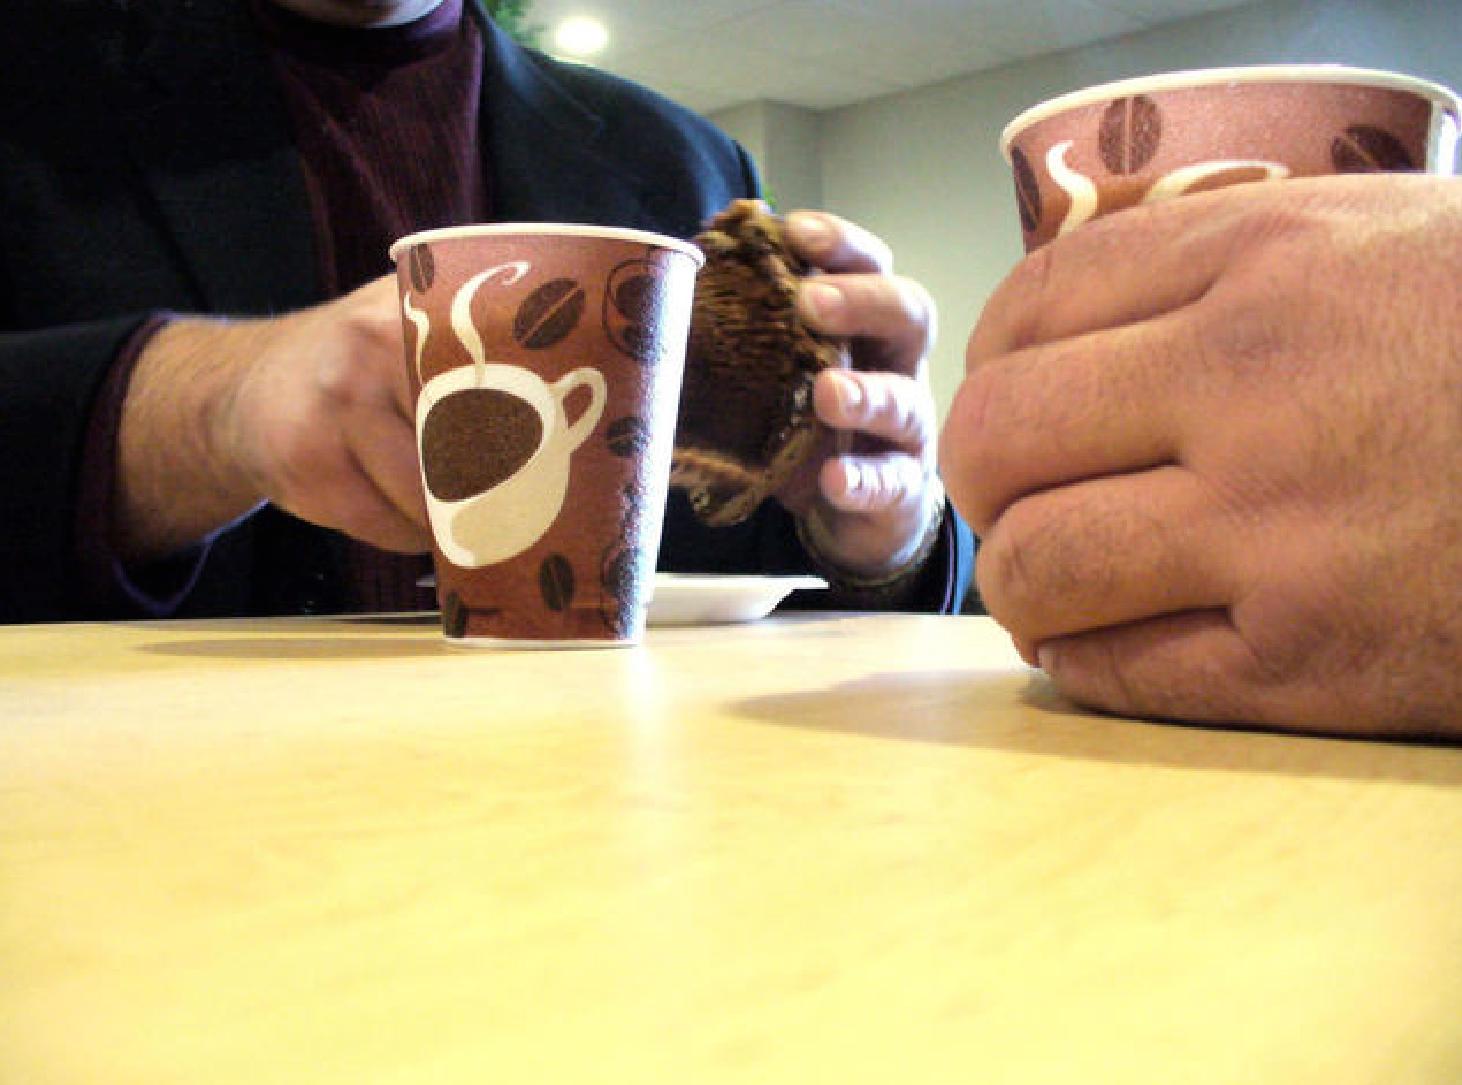 2 people having coffee